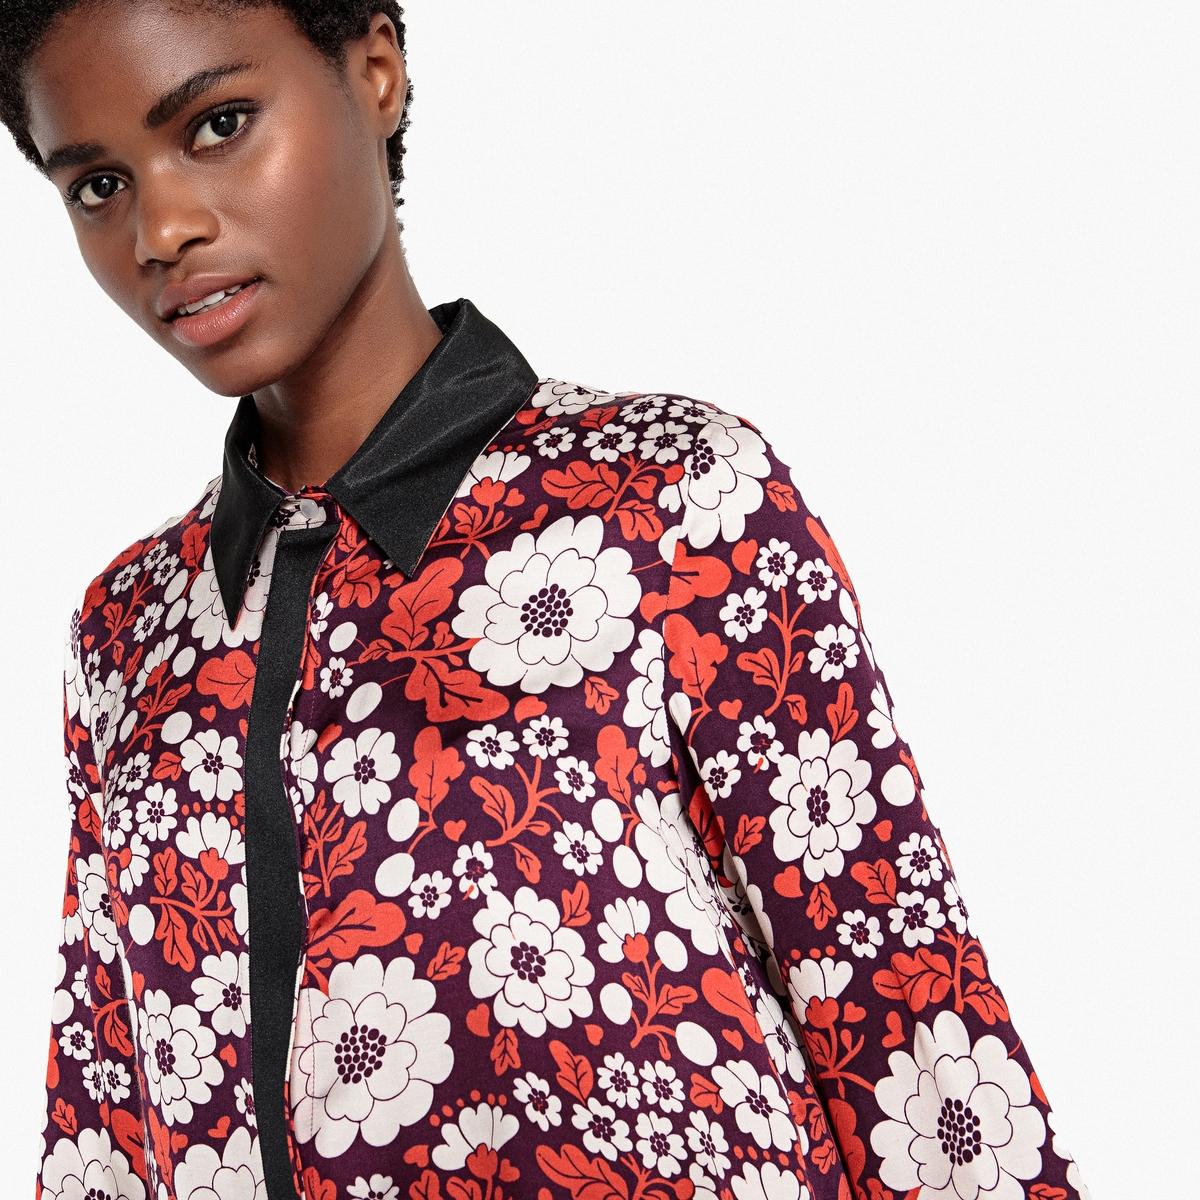 Рубашка прямого покроя с цветочным рисунком рубашка прямого покроя большого размера с контрастными пуговицами